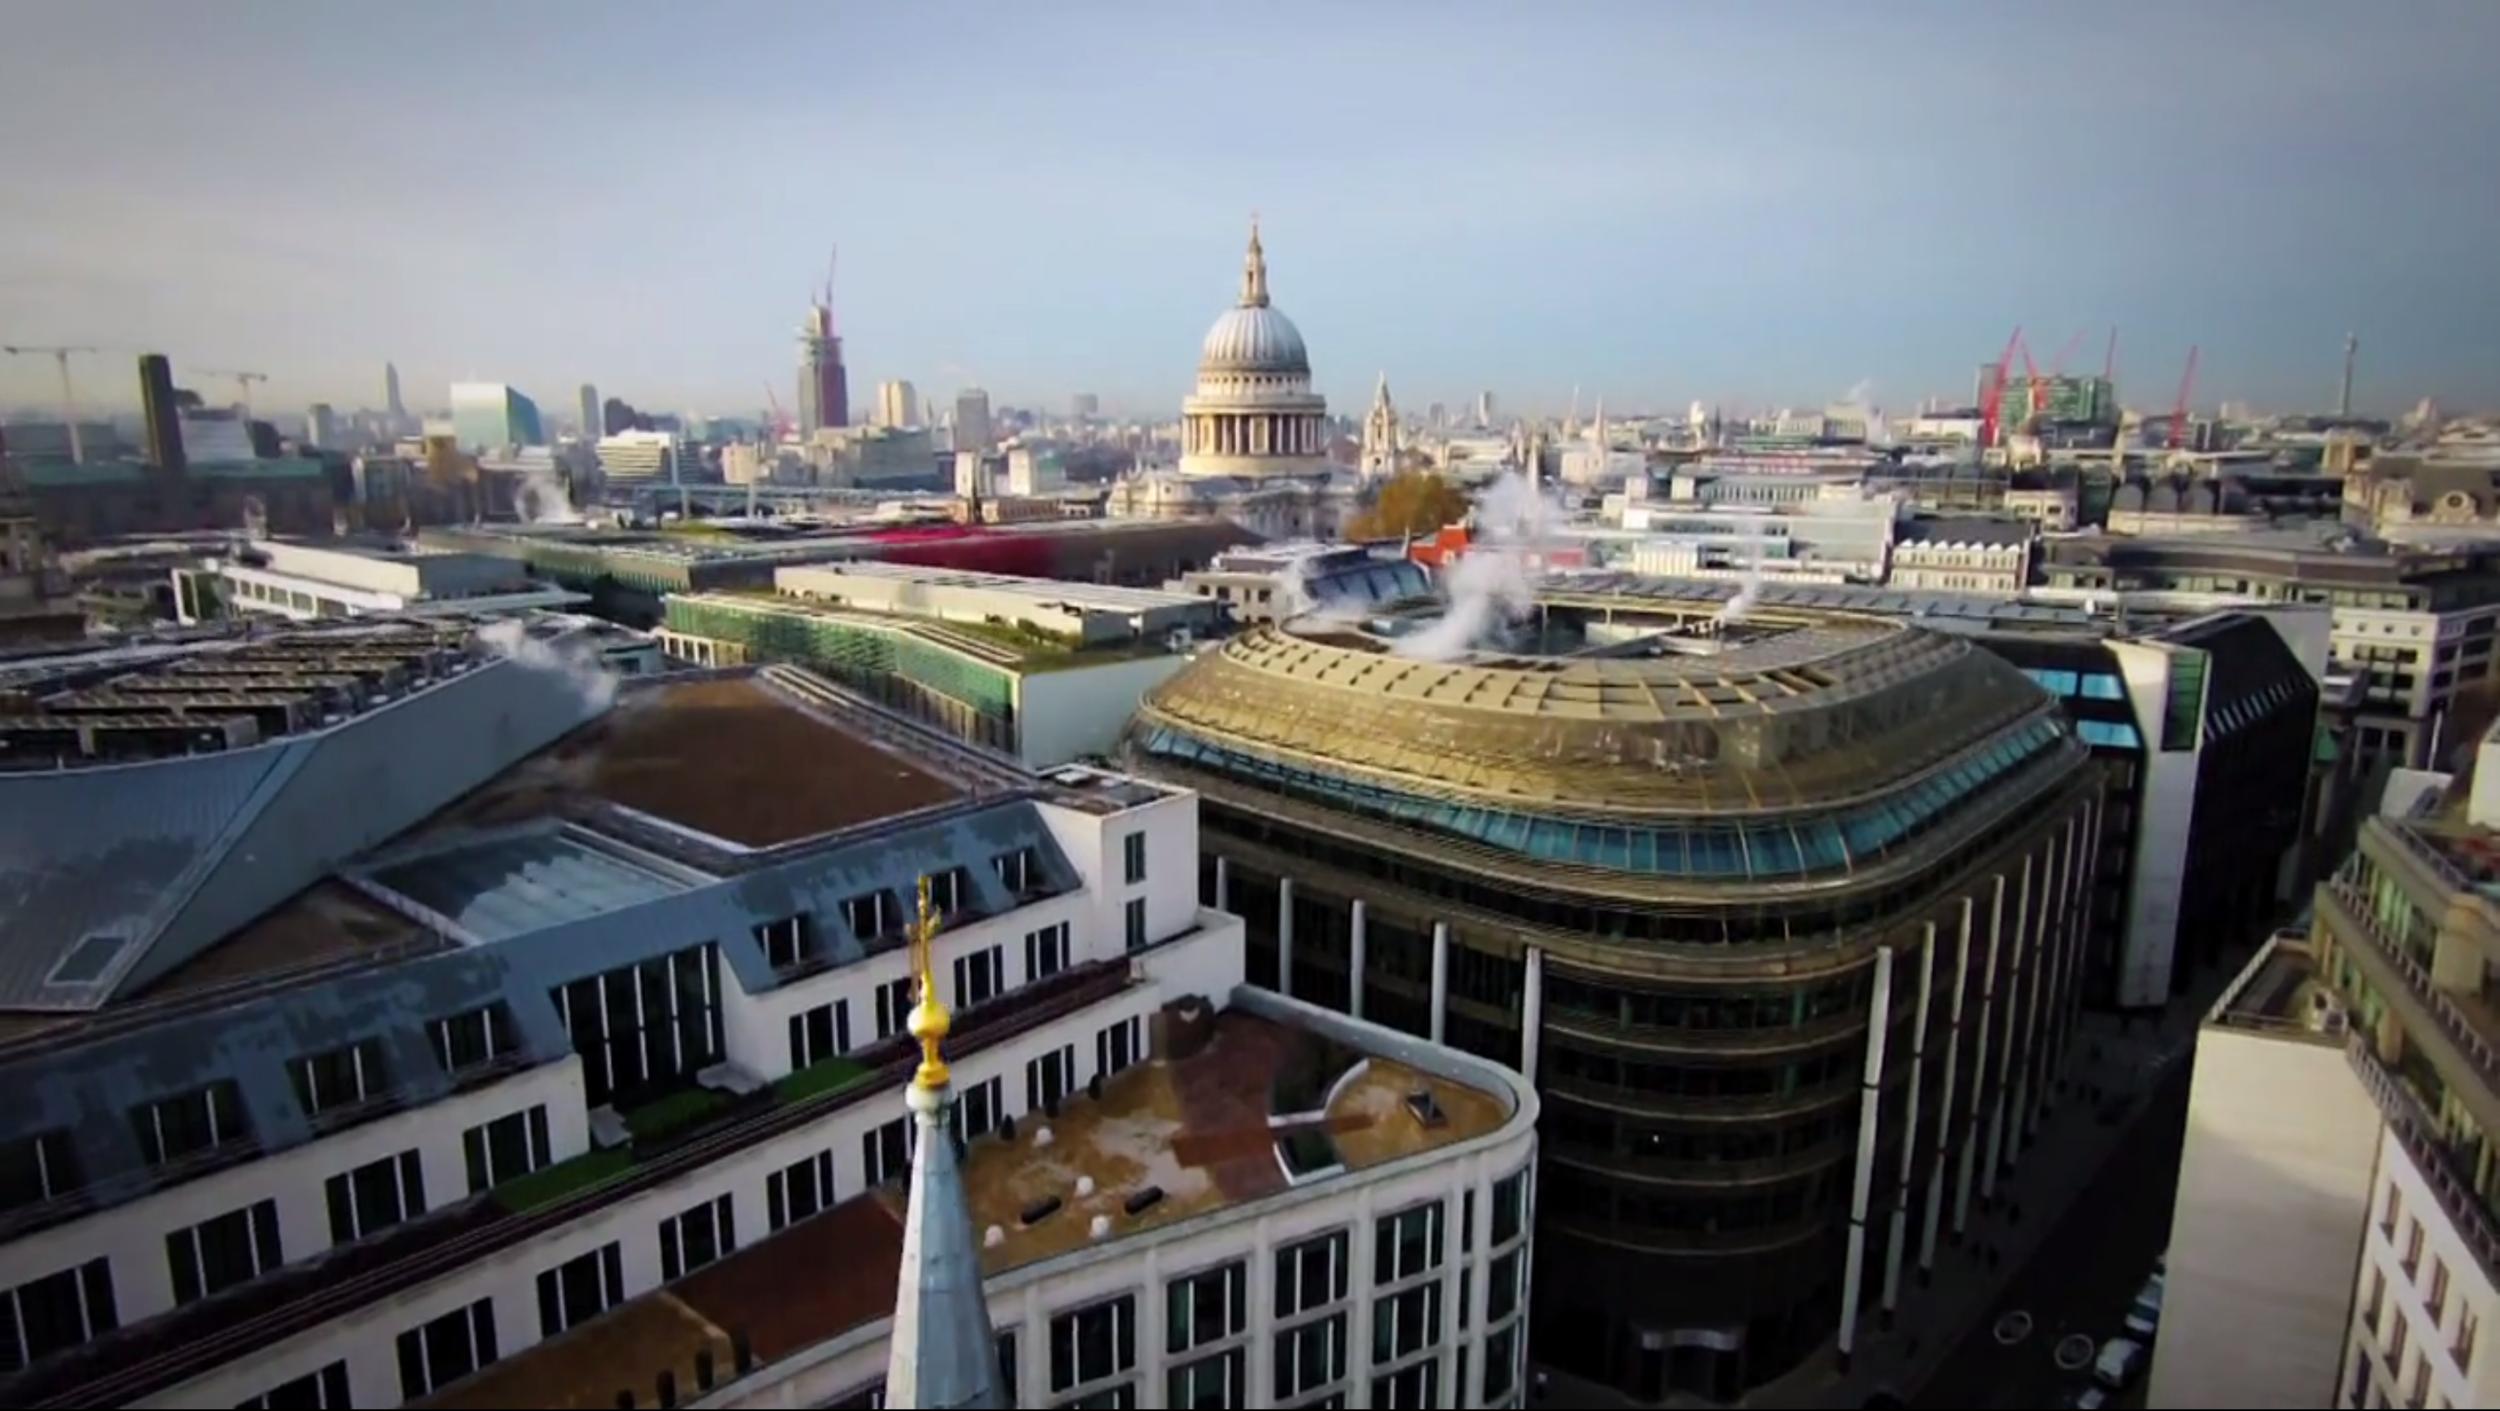 City University London: City of London Corporation